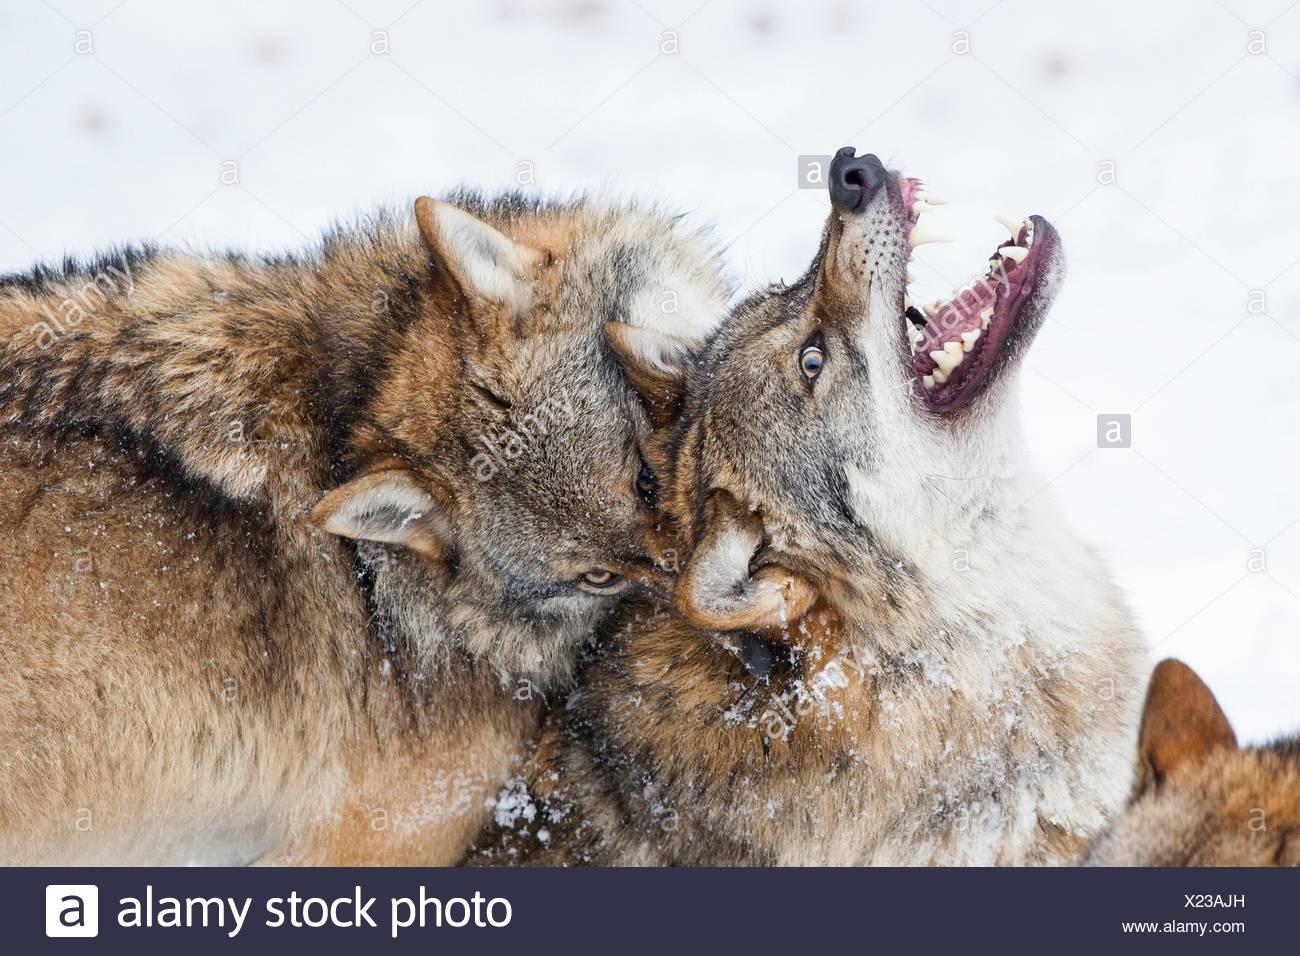 Deux loups (Canis lupus) combats, Parc National de la forêt bavaroise, en Allemagne. Photo Stock